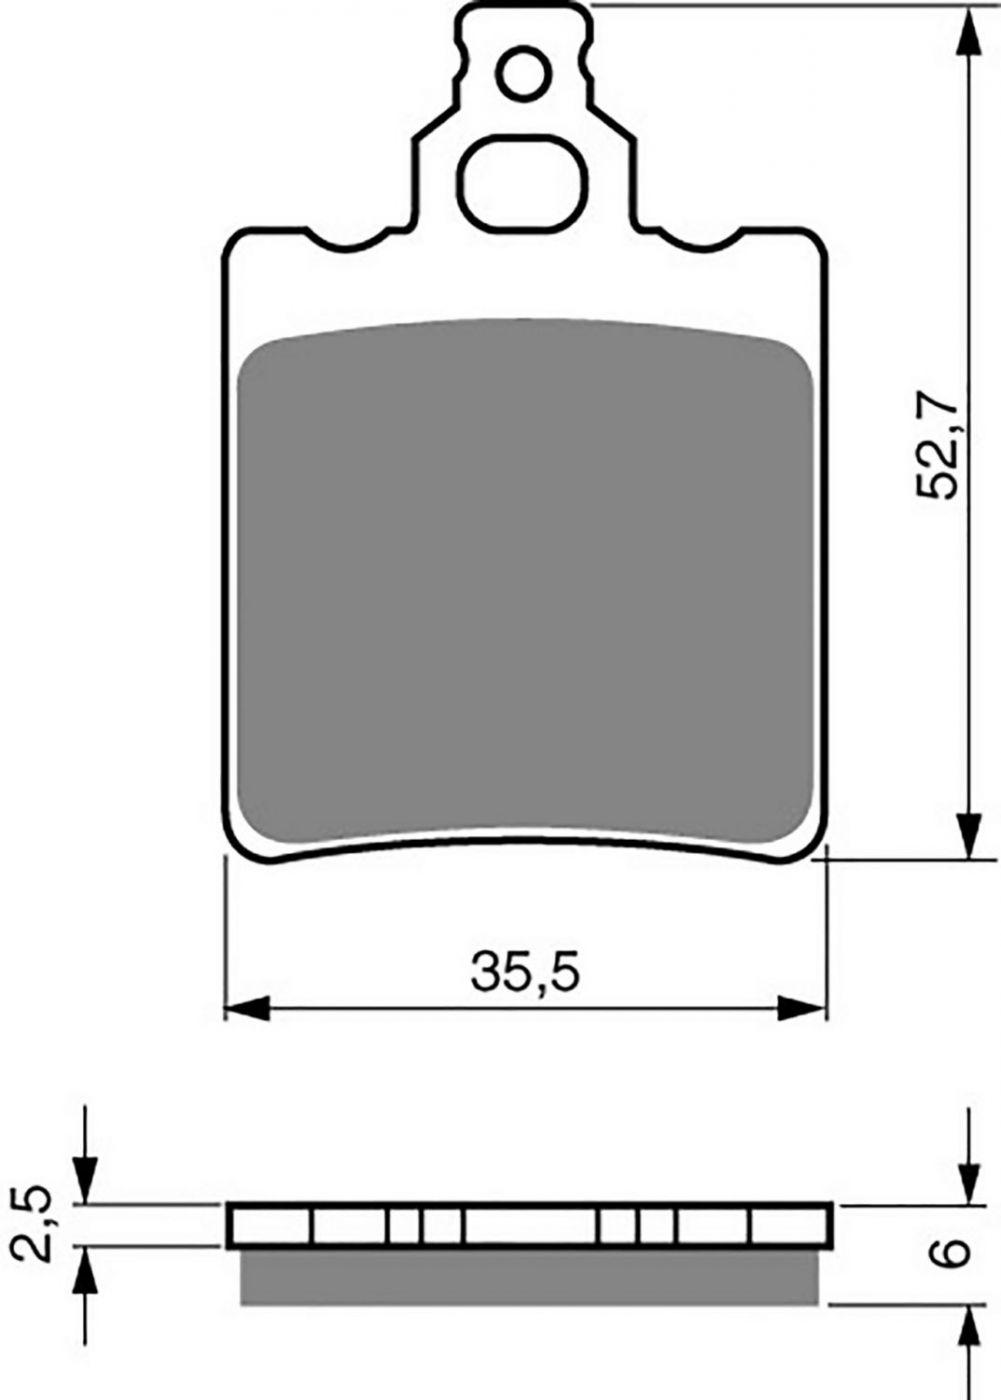 Goldfren K5 Brake Pads - 700096GK image